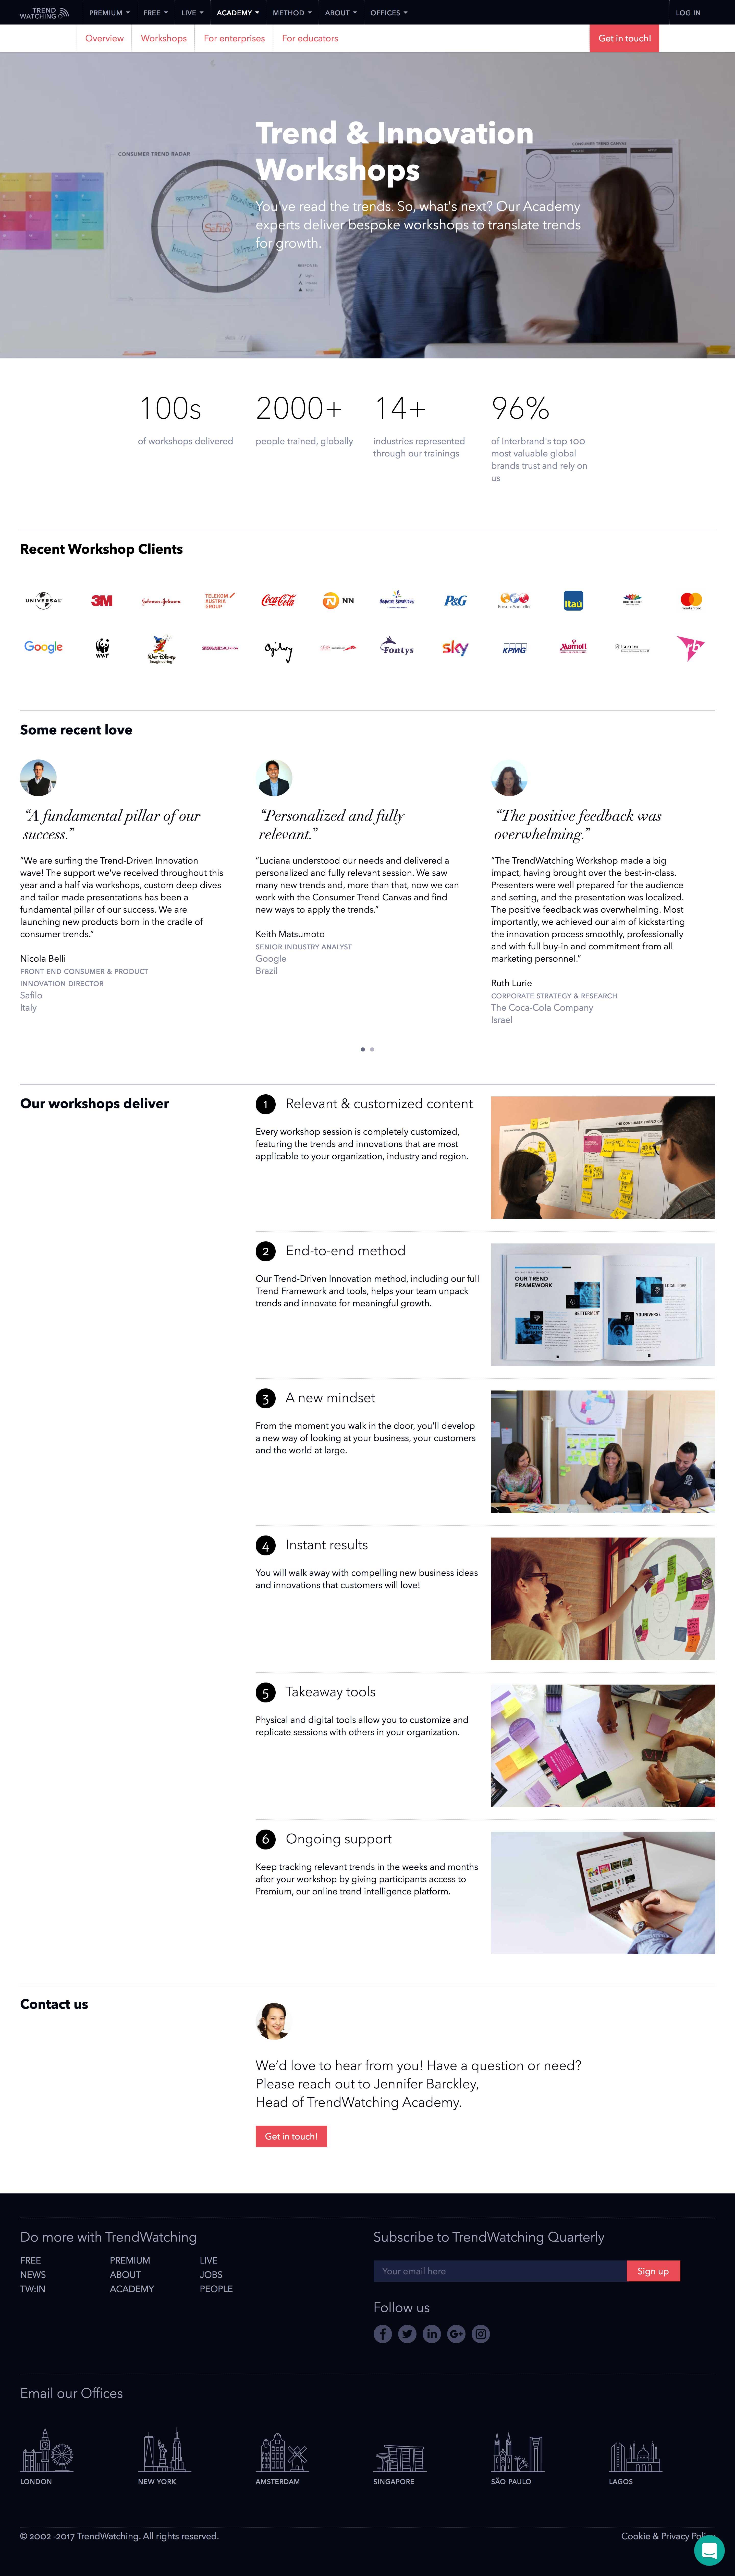 workshops-page-screenshot-1440